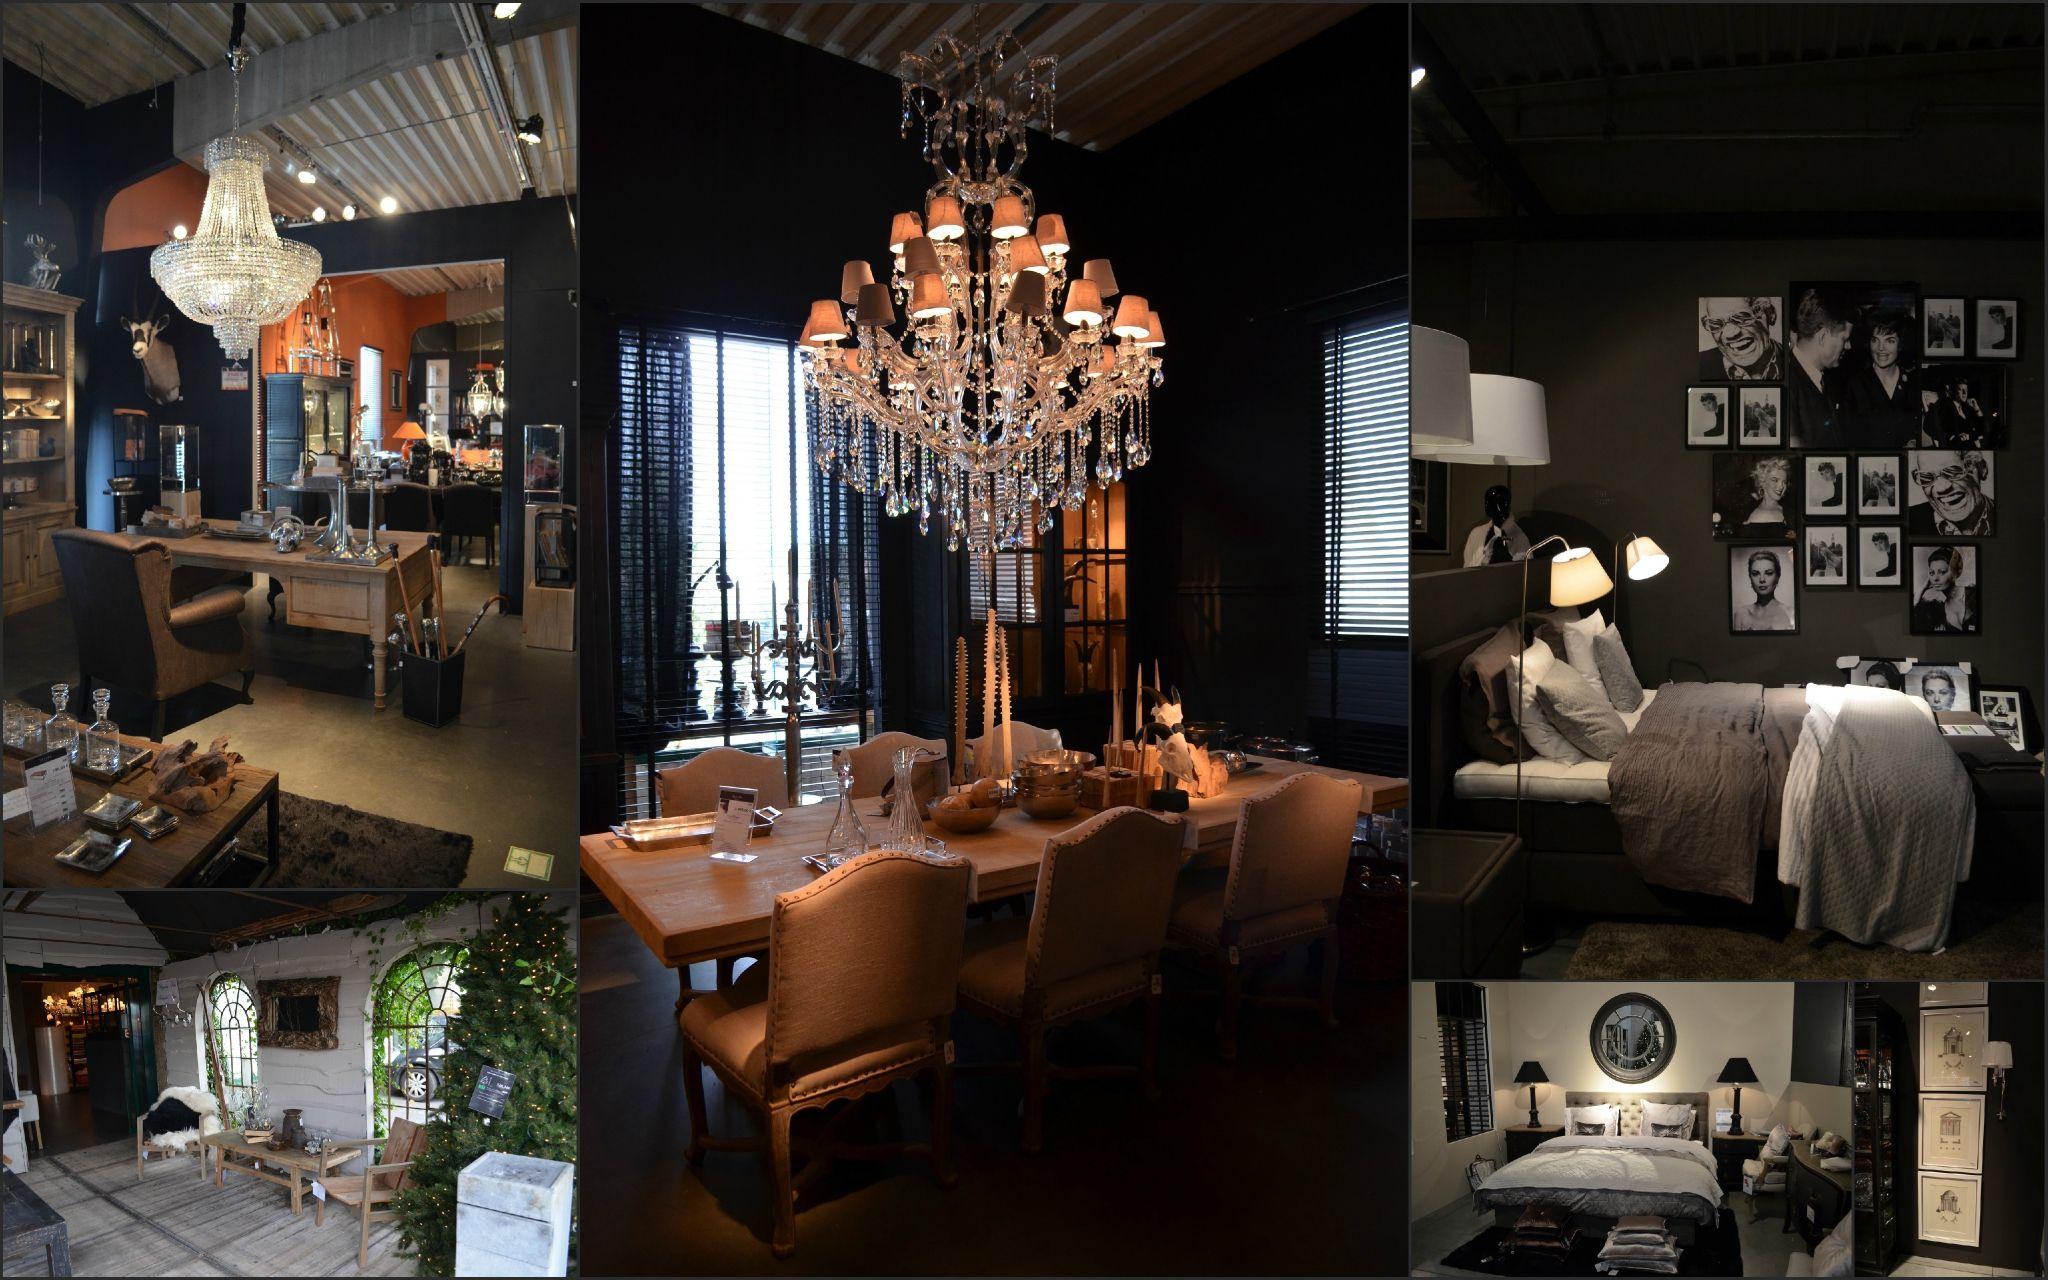 un petit tour une fee d 39 hiver pinterest magasin de d coration belgique et magasin. Black Bedroom Furniture Sets. Home Design Ideas